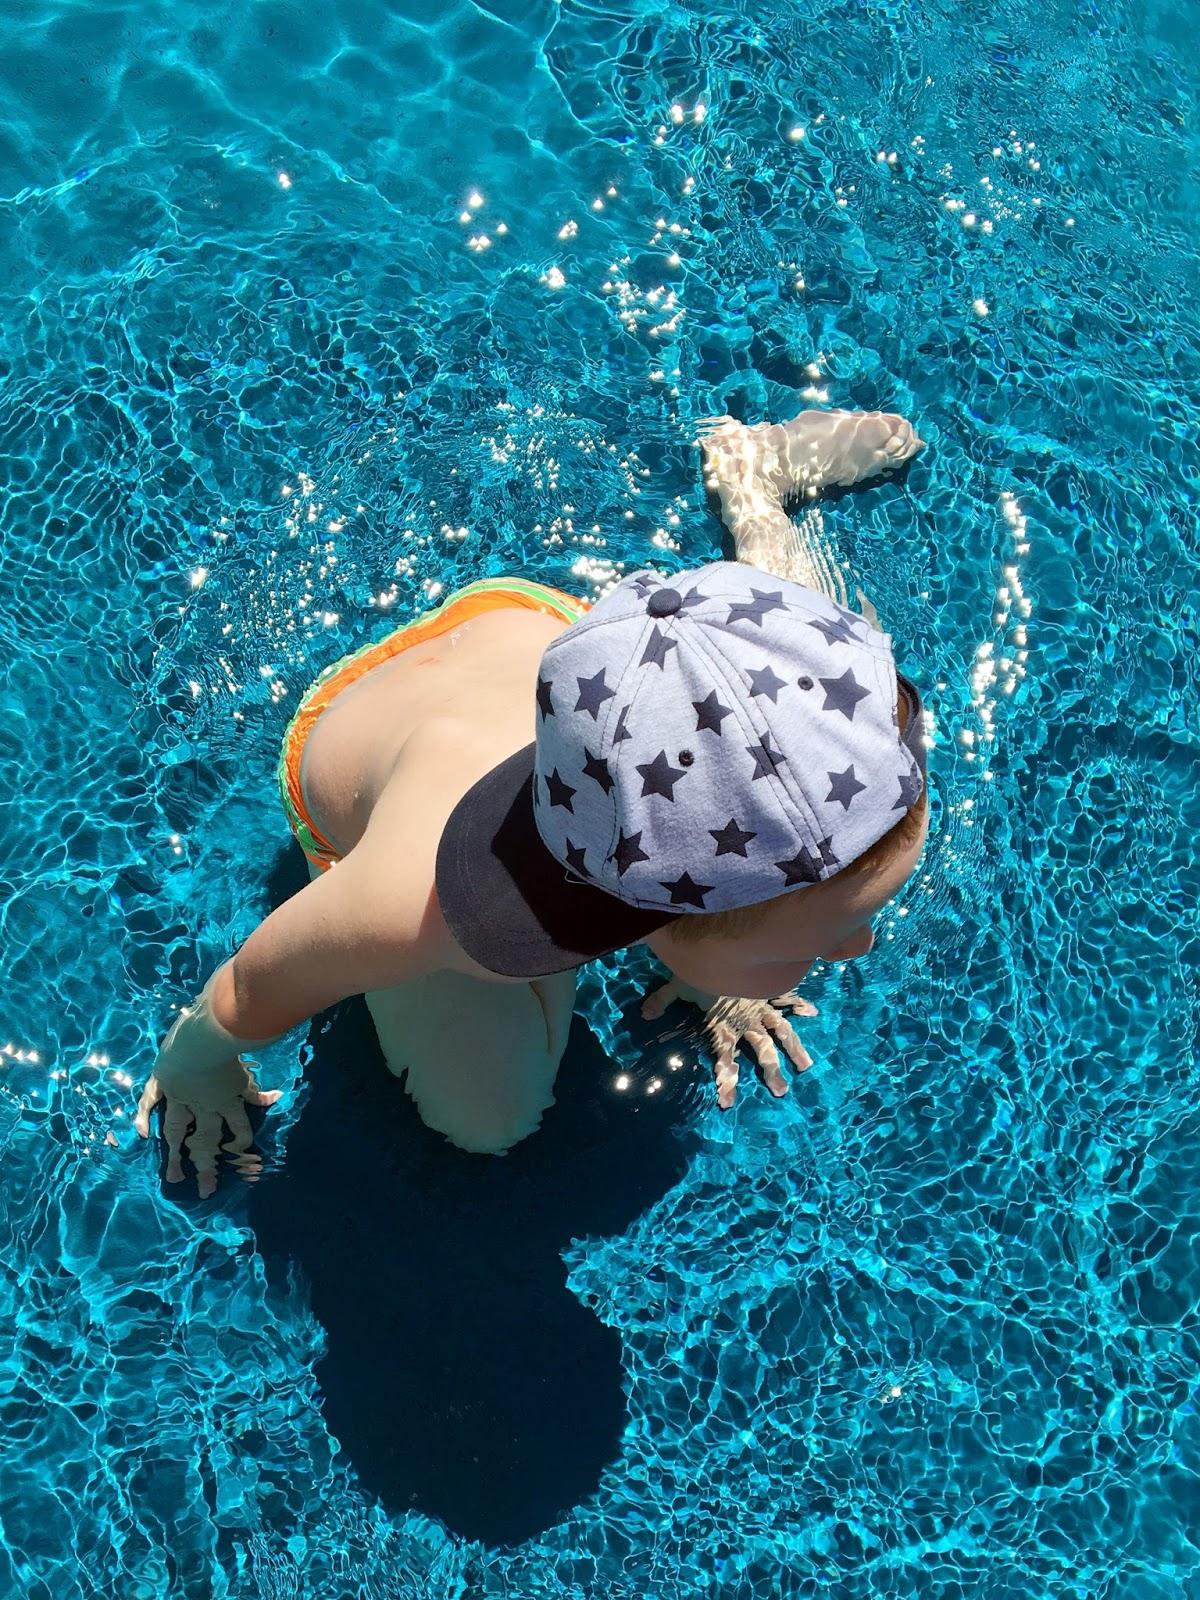 ochrona przeciwsłoneczna dla dziecka